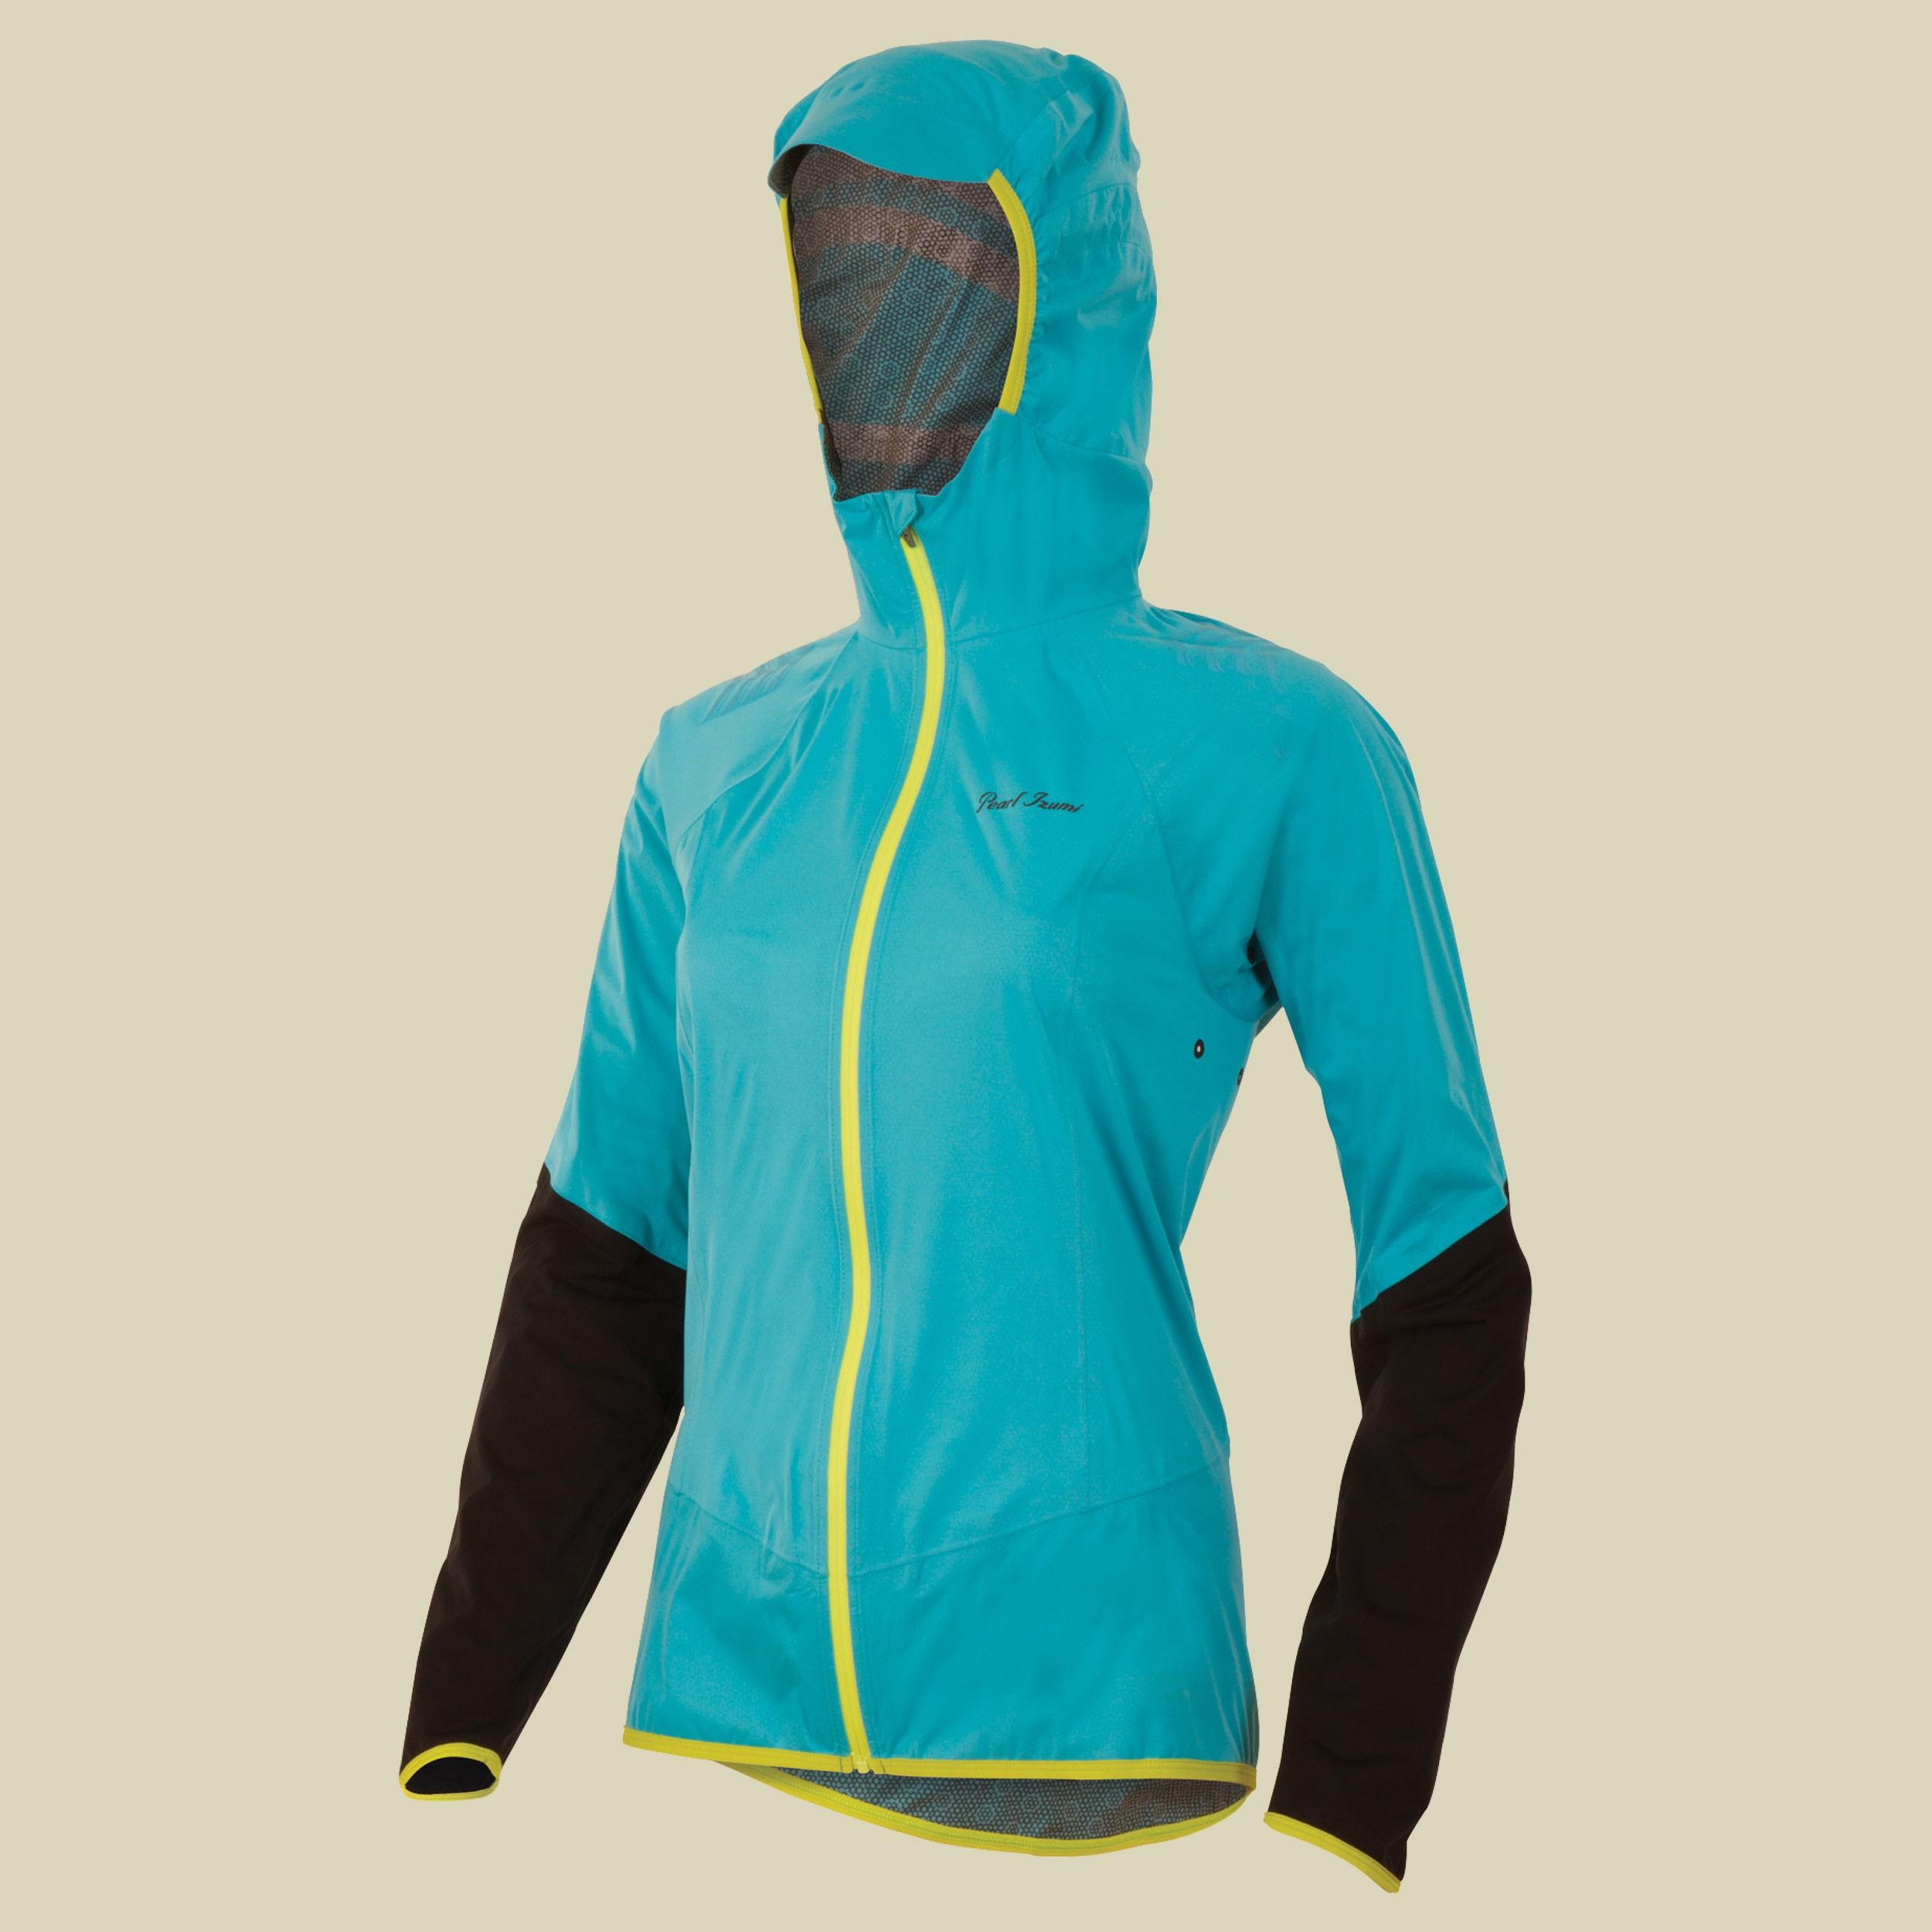 W Ultra Barrier WXB Jacket